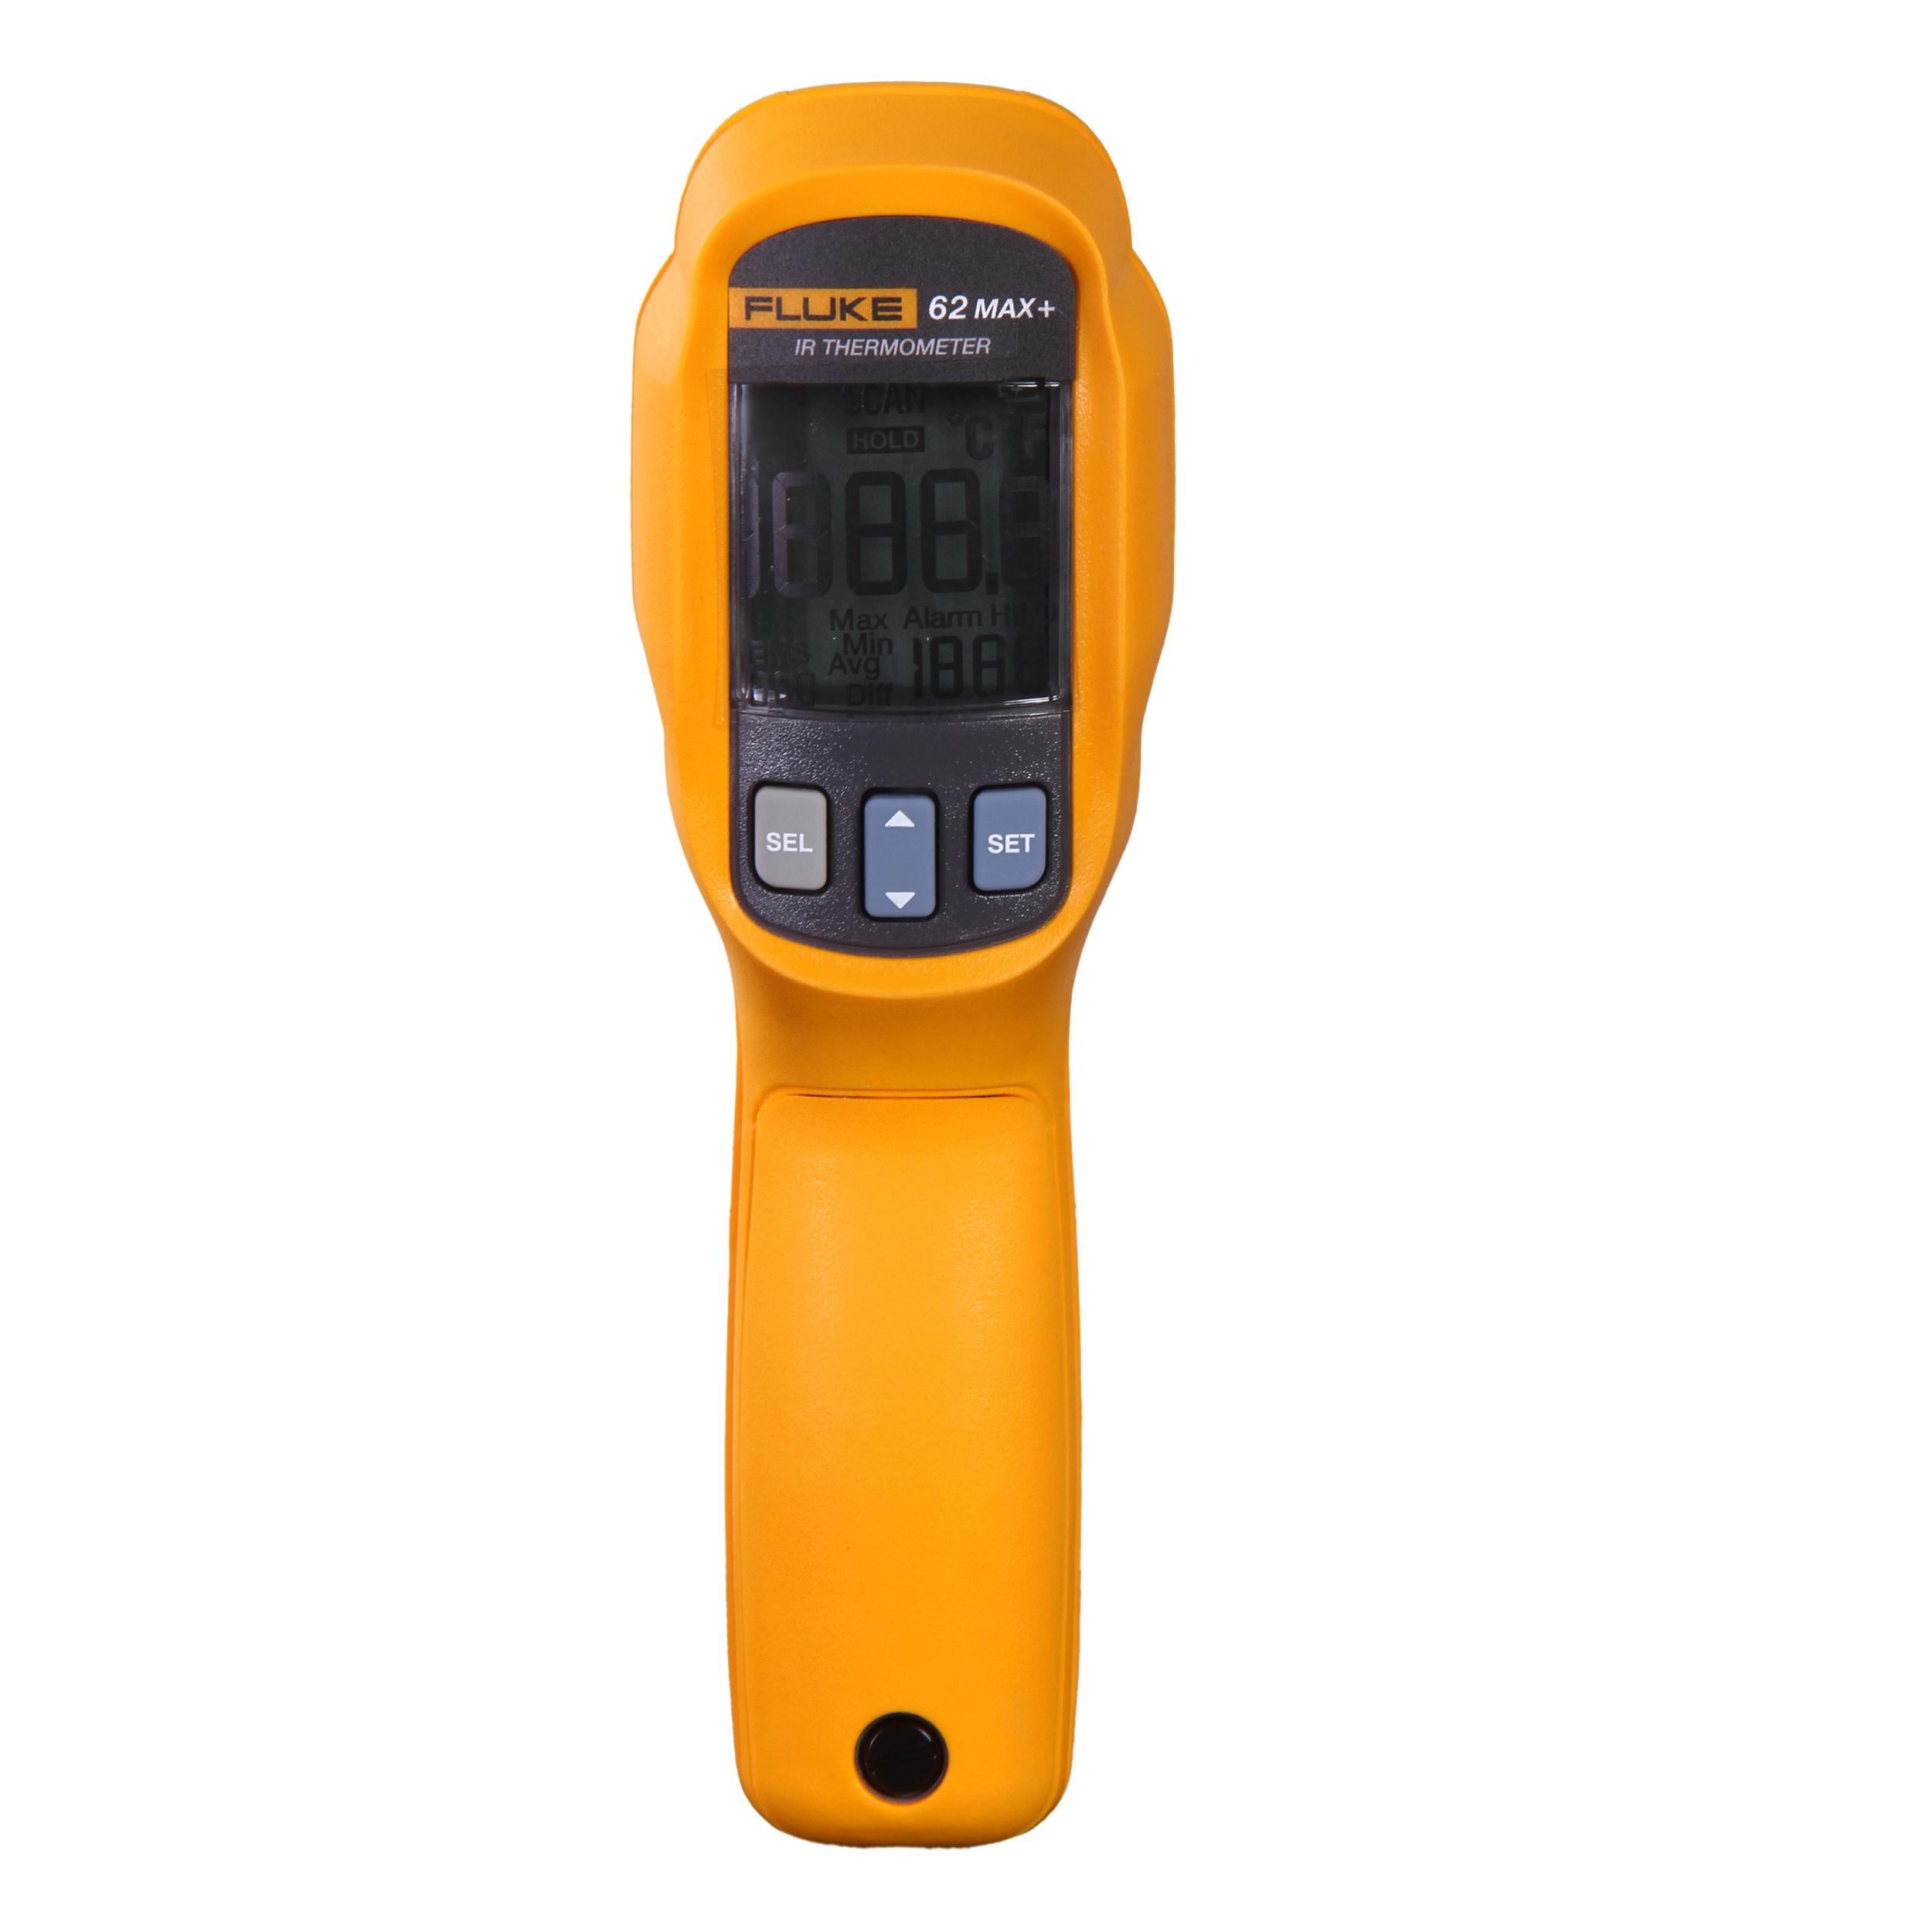 ابزارهای اندازه گیری دیجیتالی و لیزری